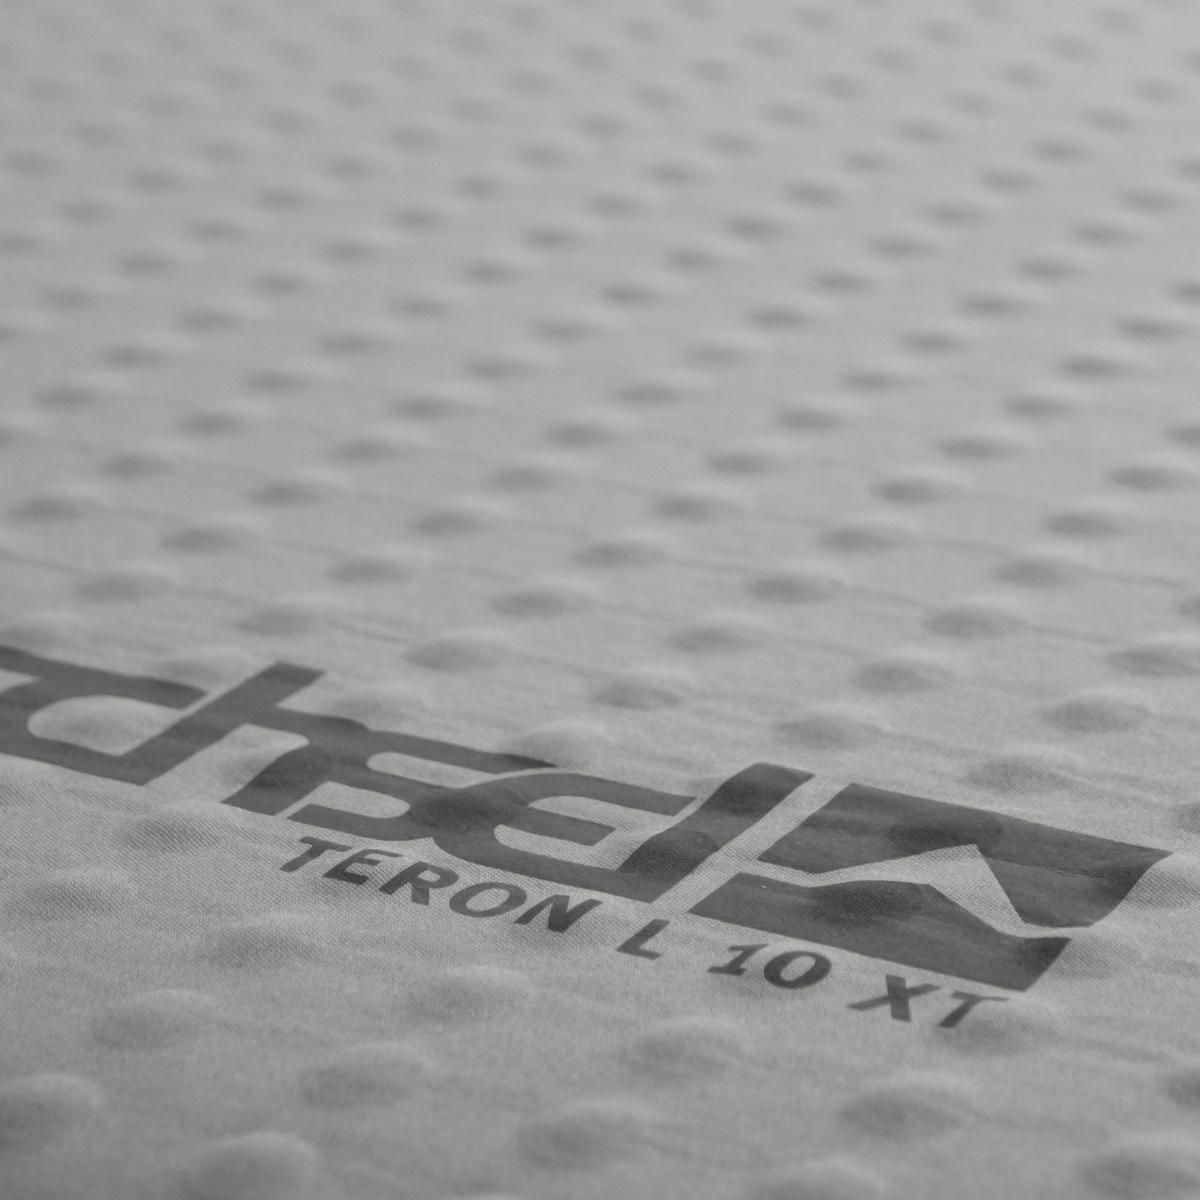 Bild von Wechsel Teron XL 10.0 XT - Isomatte - Laurel Oak